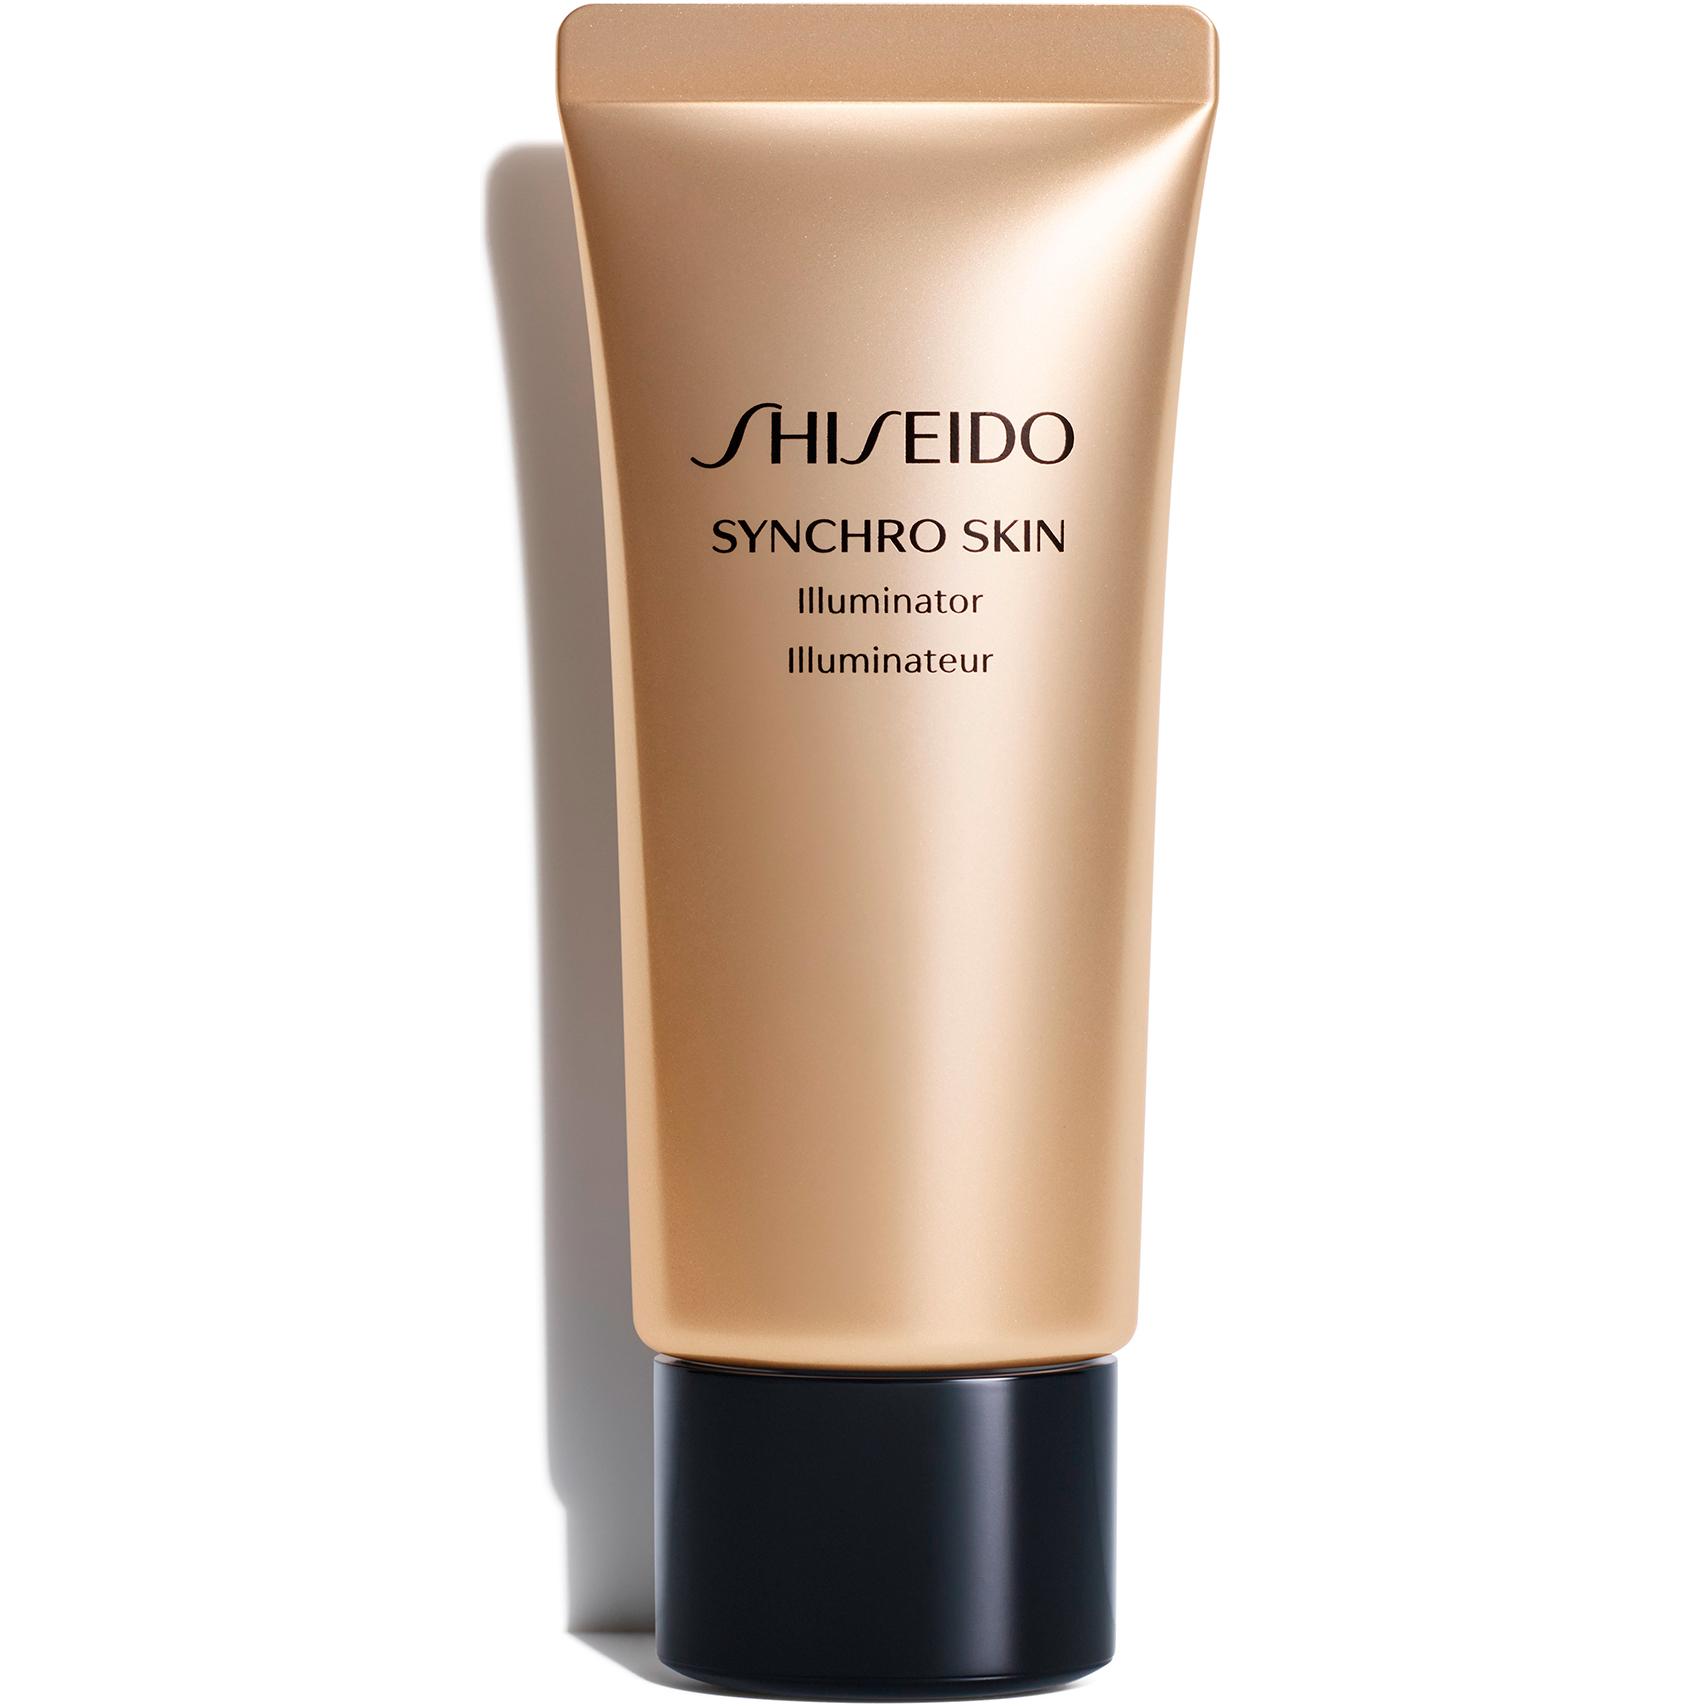 shiseido японская косметика купить